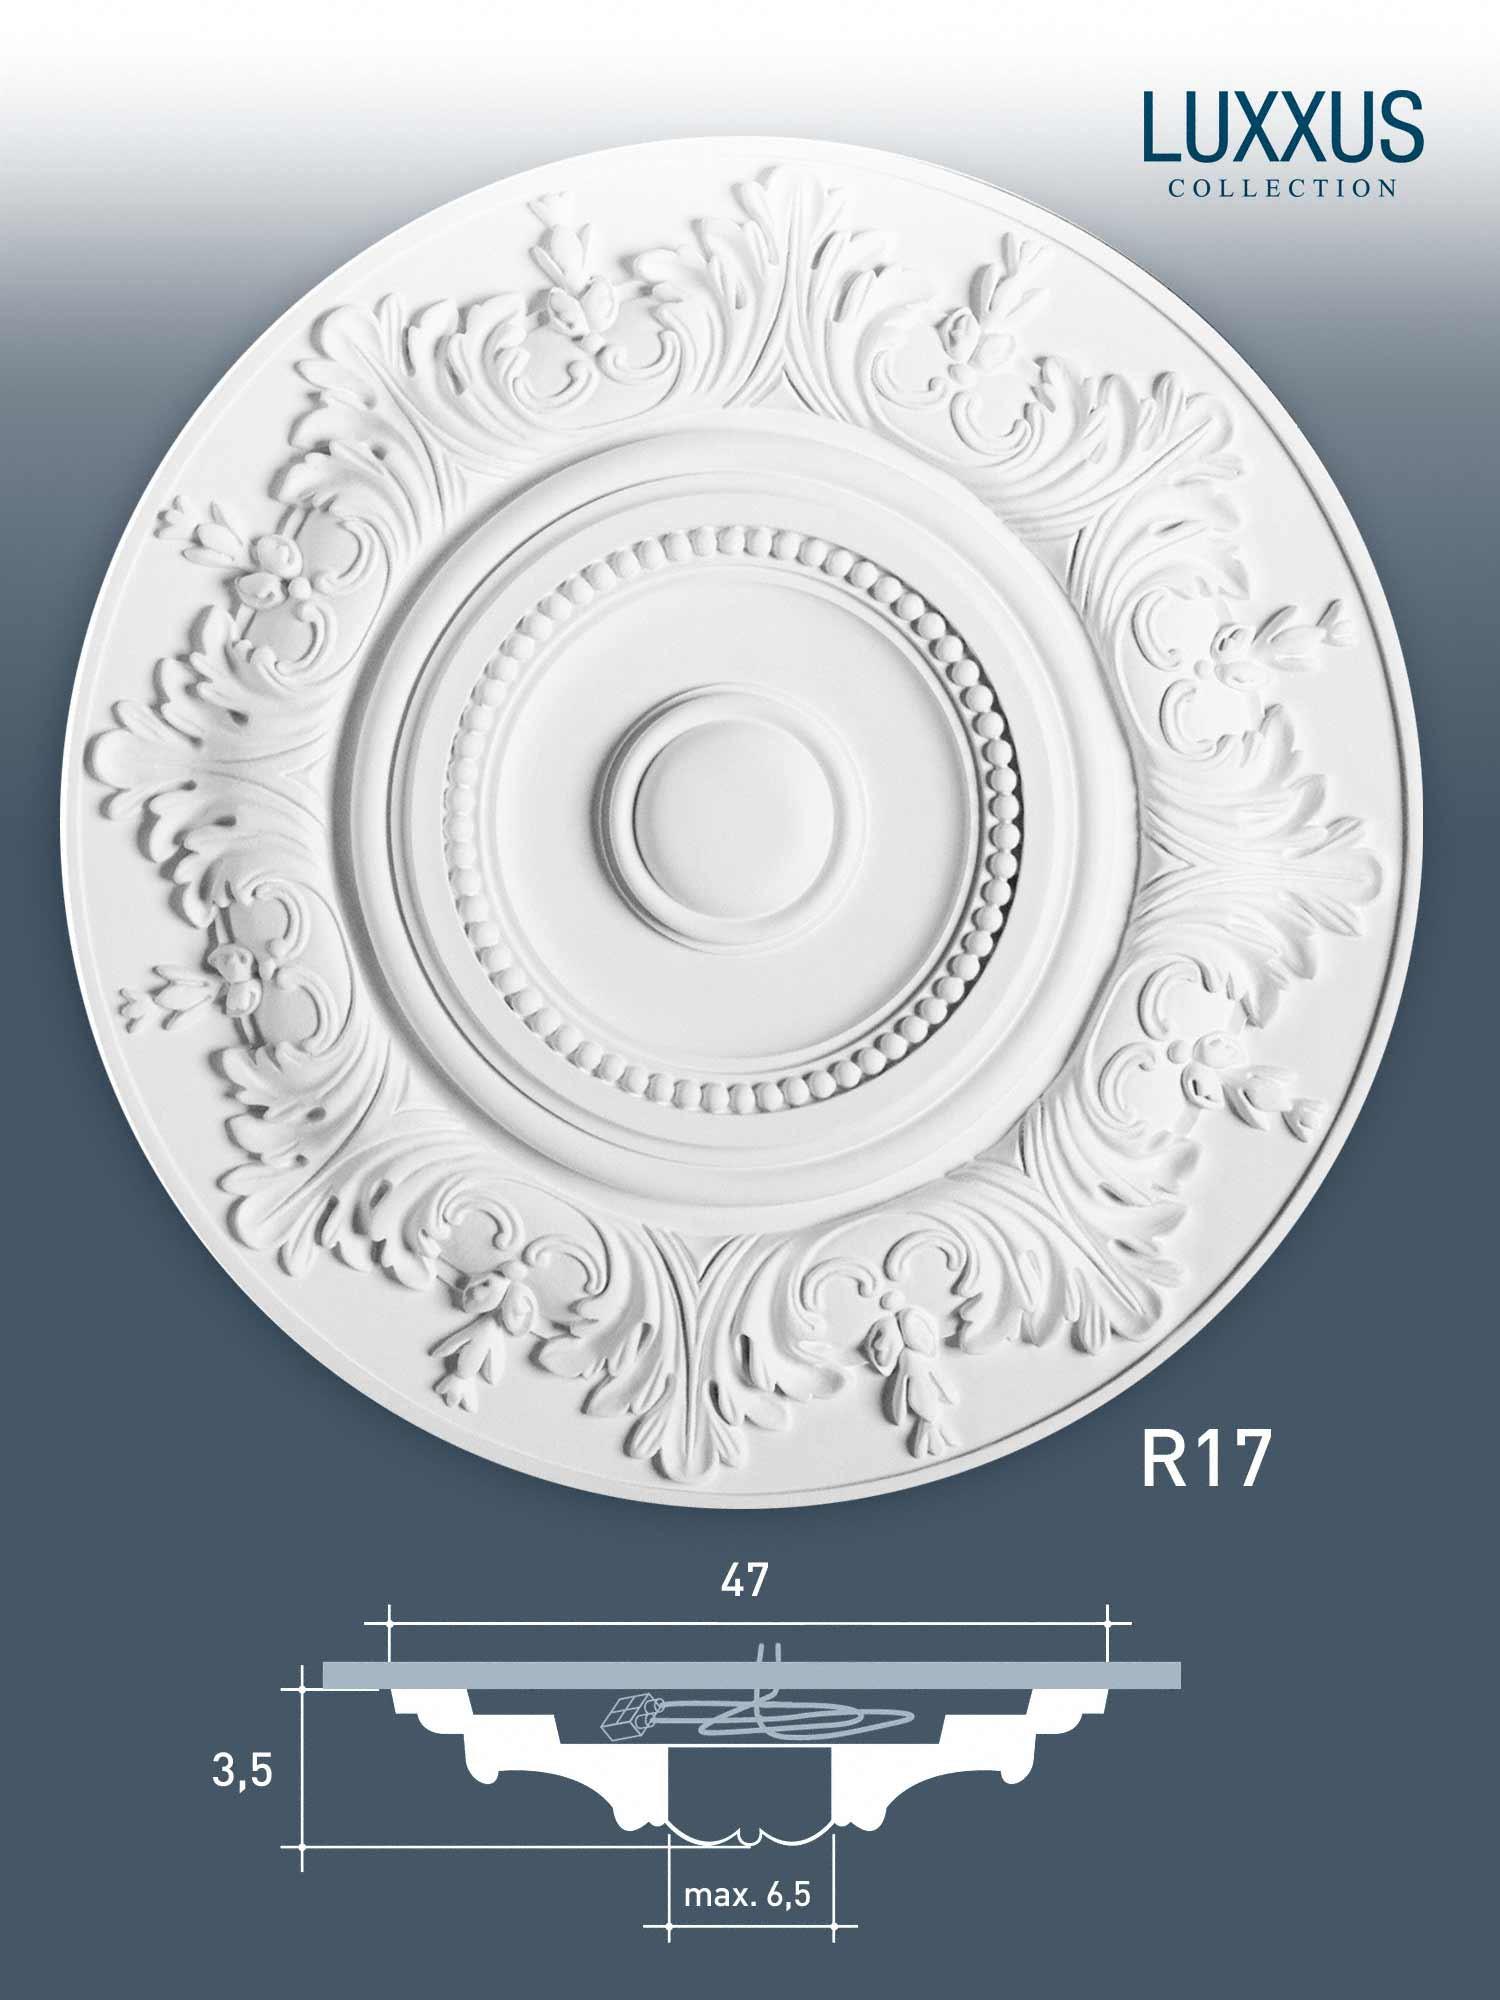 rosace d coration de plafond el ment de stuc orac decor r17 luxxus el ment d coratif motif. Black Bedroom Furniture Sets. Home Design Ideas